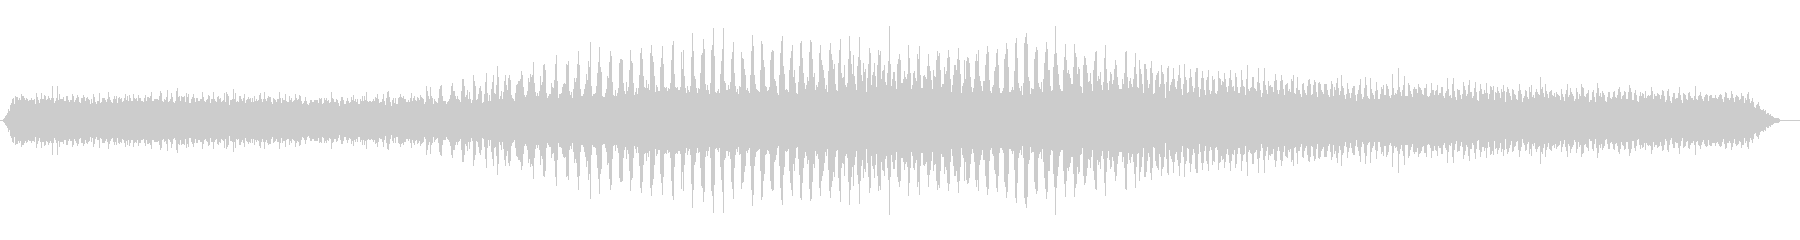 クマゼミの鳴き声(夏、蝉、朝、午前中)の未再生の波形